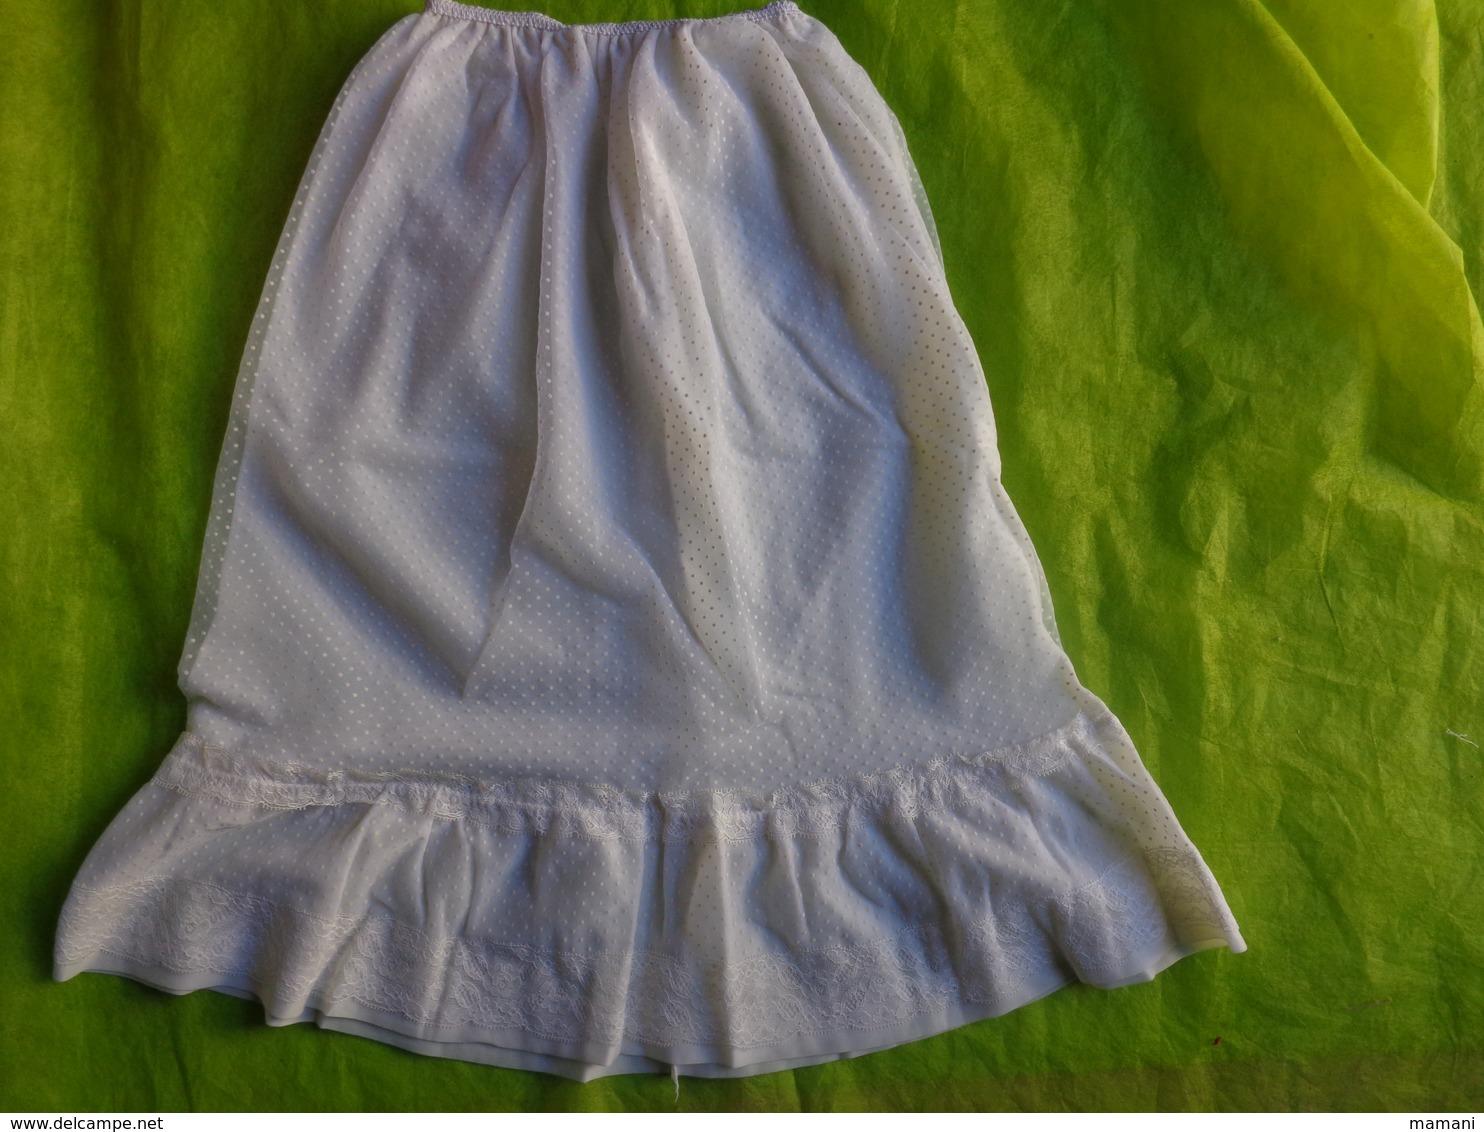 Lot De Vetements  Vintage -retro-gilet-jupe-jupon-chemise - Vintage Clothes & Linen